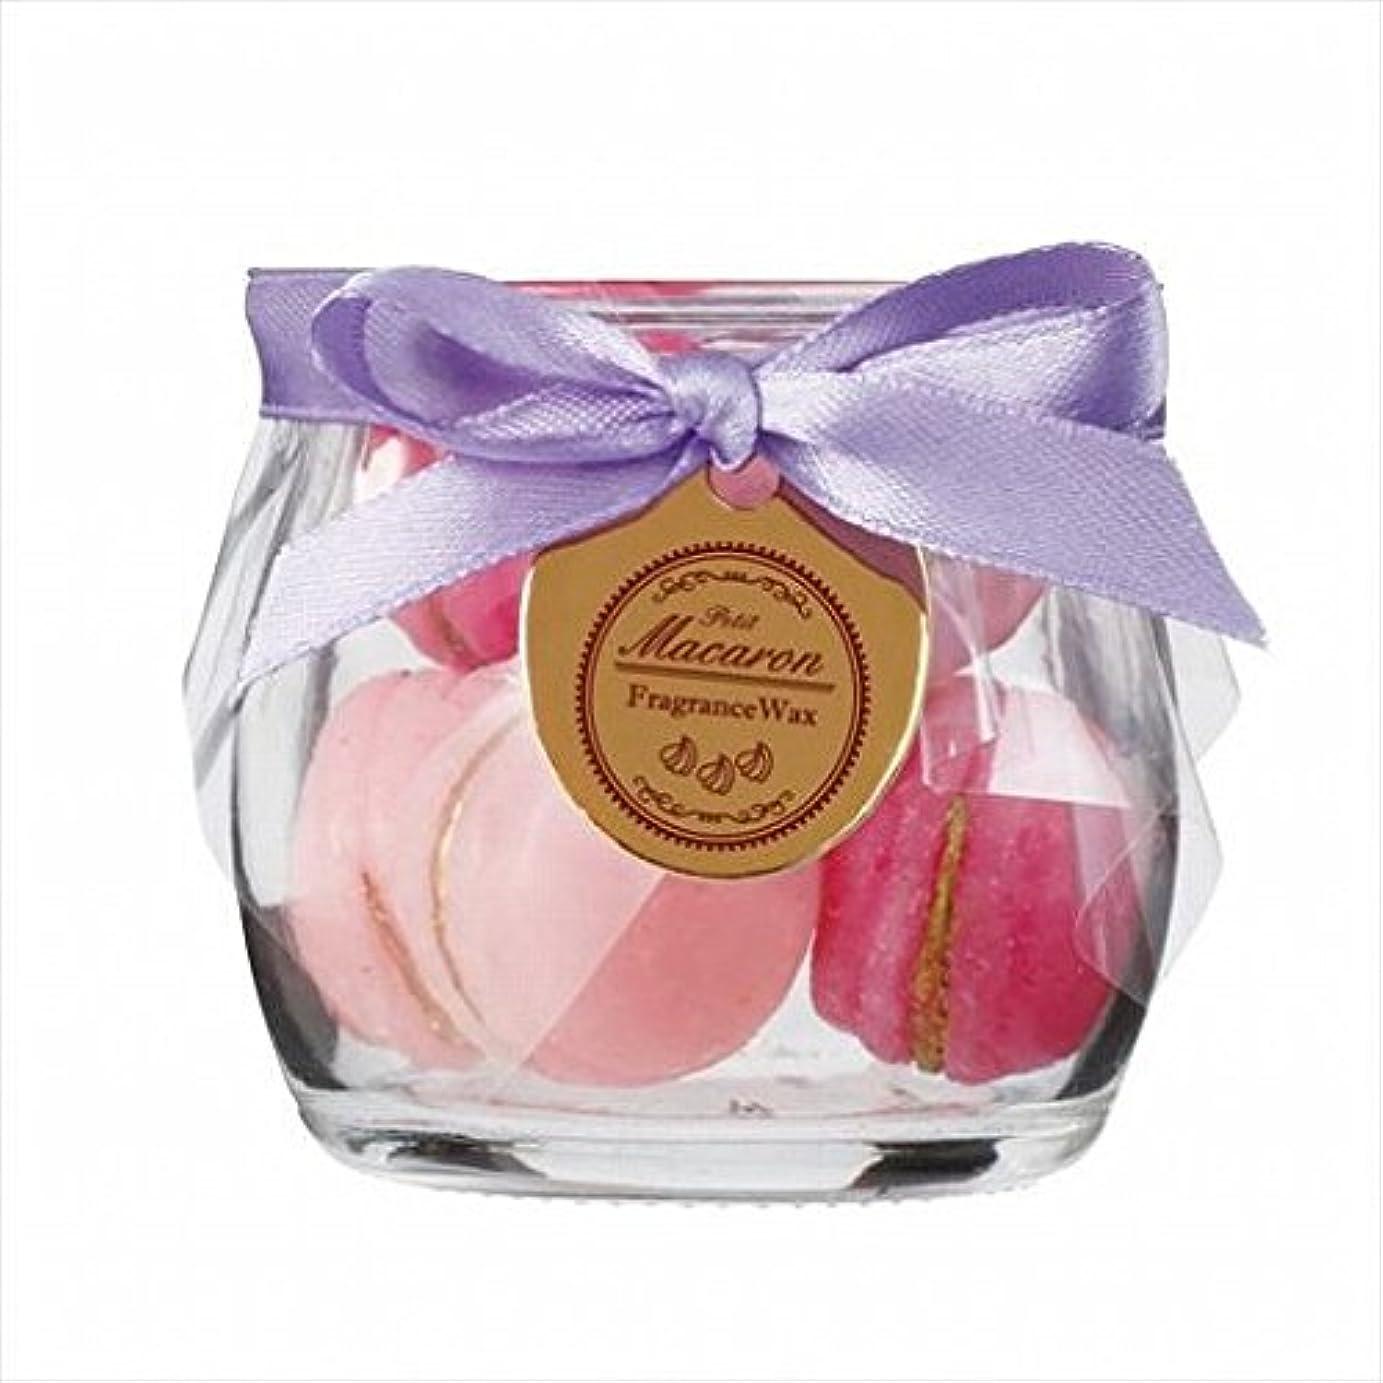 理論的祈る利益sweets candle(スイーツキャンドル) プチマカロンフレグランス 「 バニラ 」 キャンドル 60x60x56mm (A3160550)